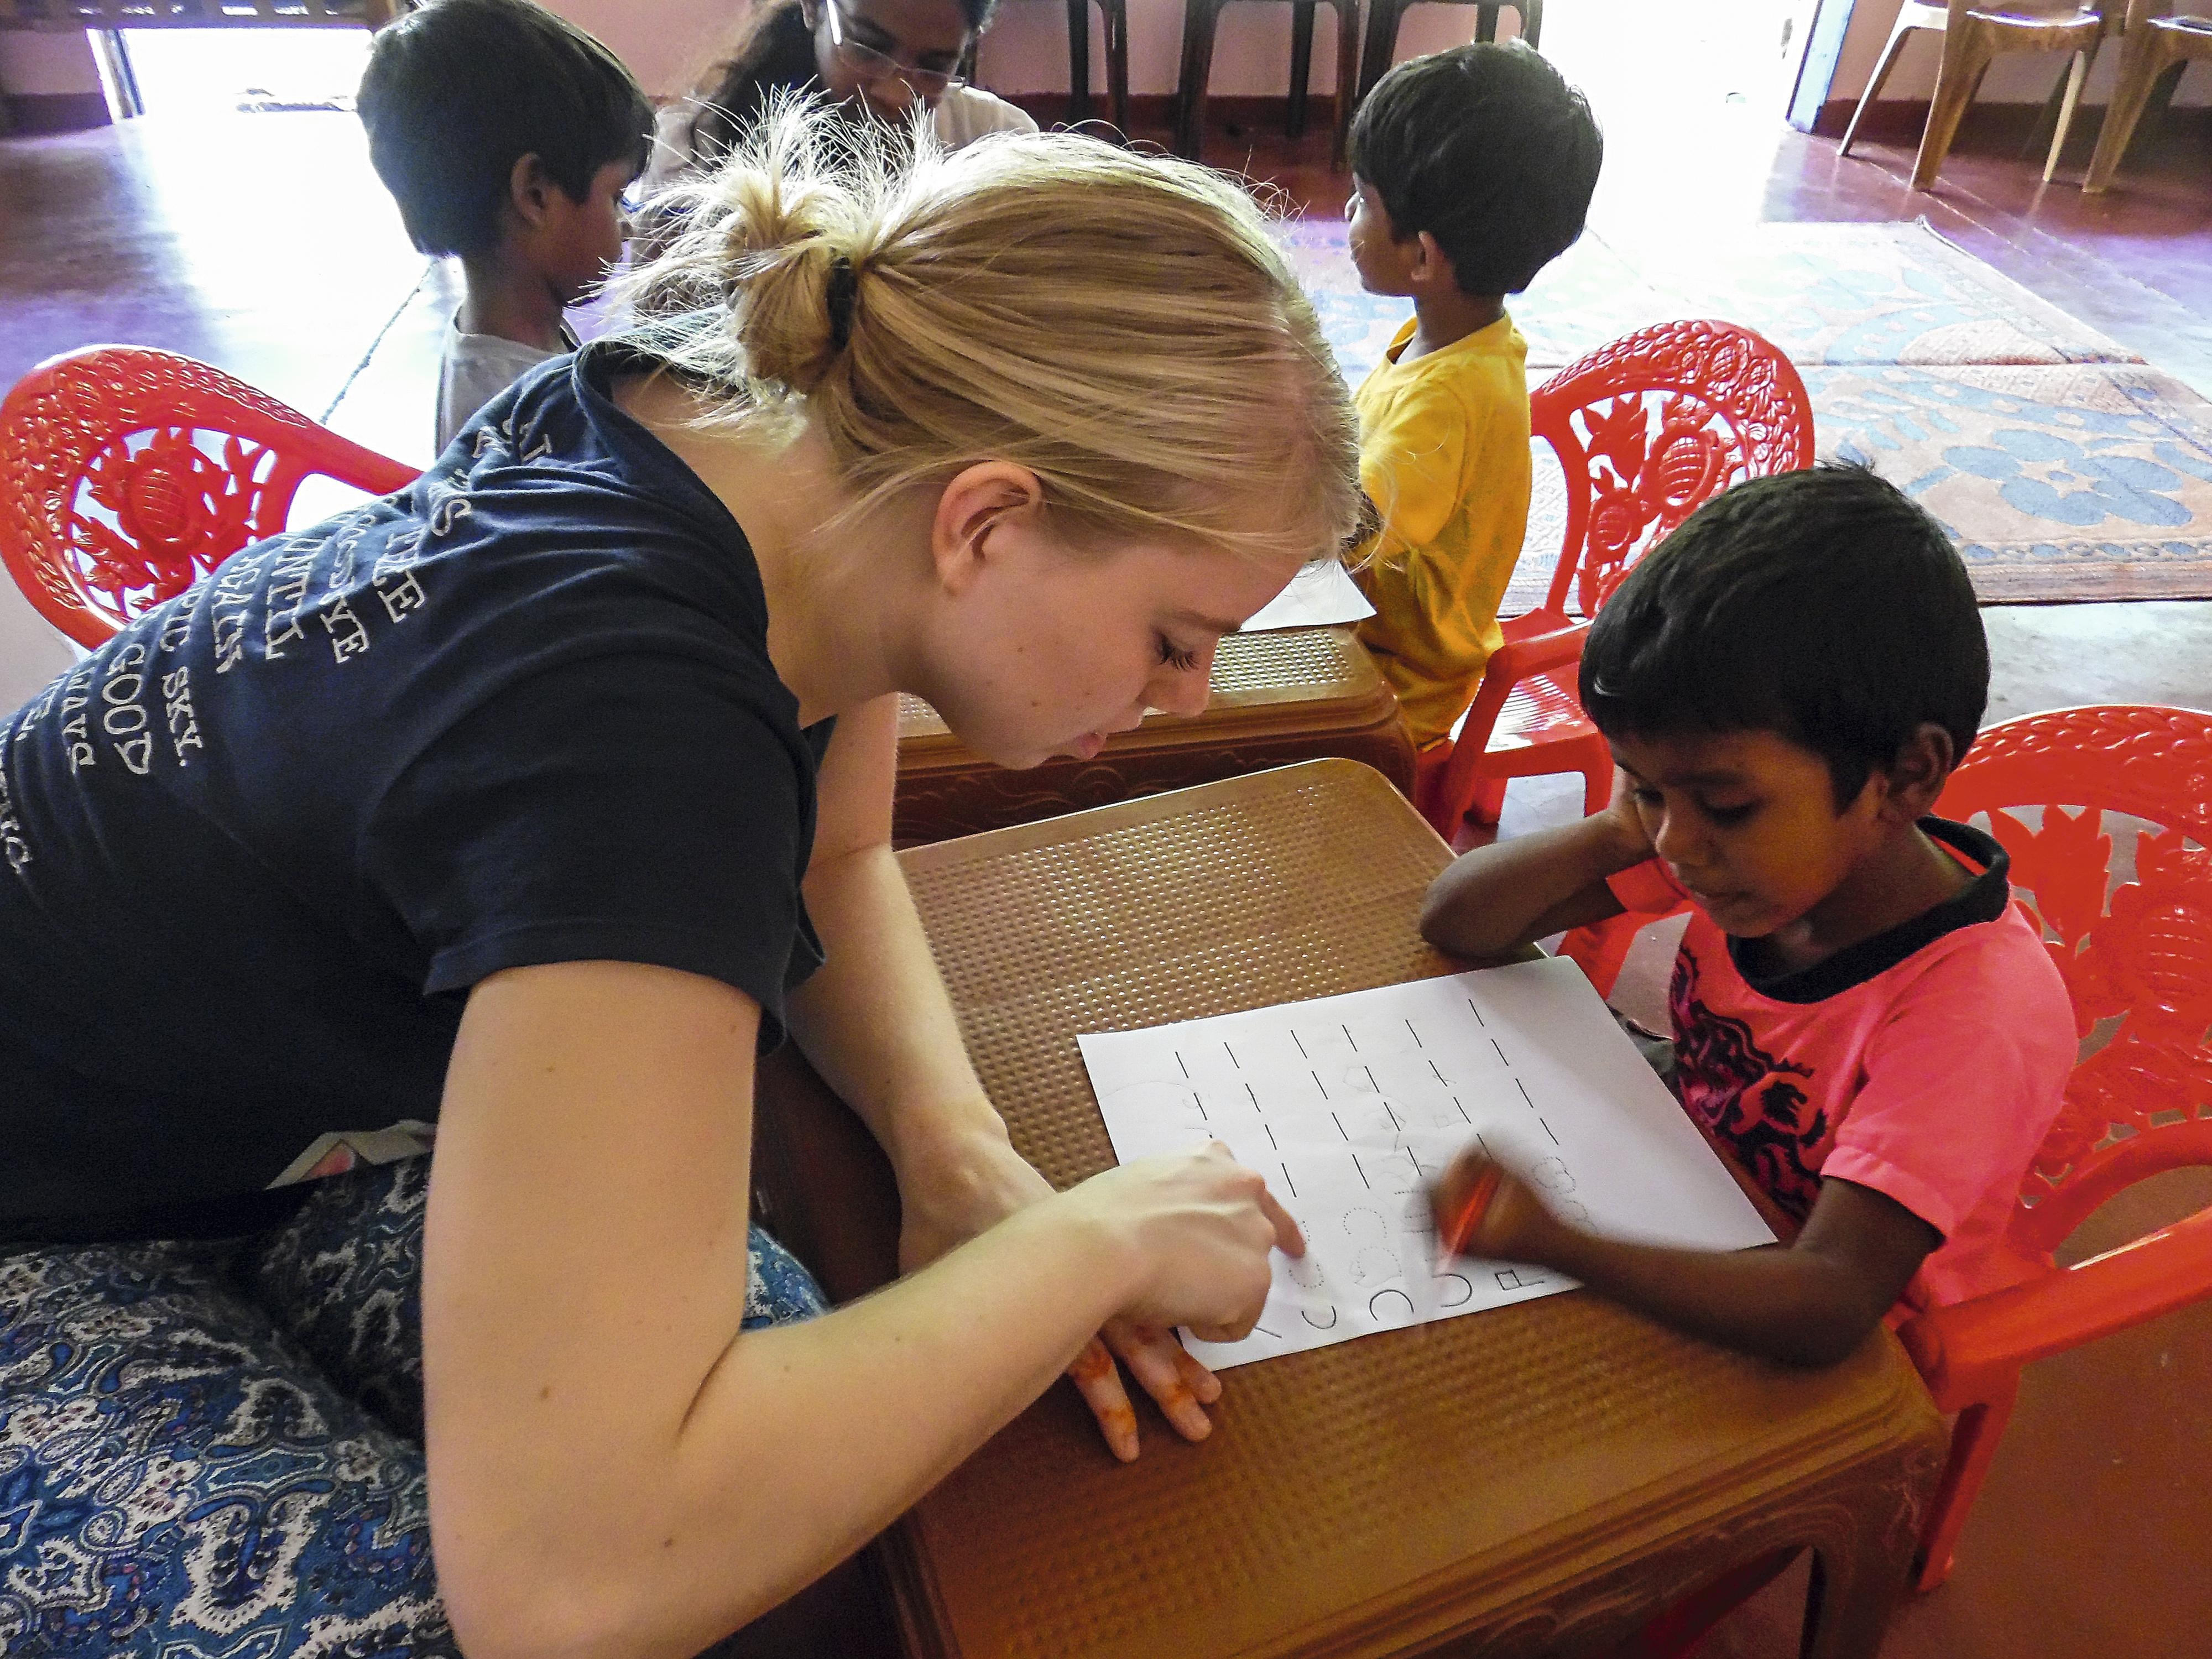 Voluntária dando uma mãozinha nas aulas no Sri Lanka